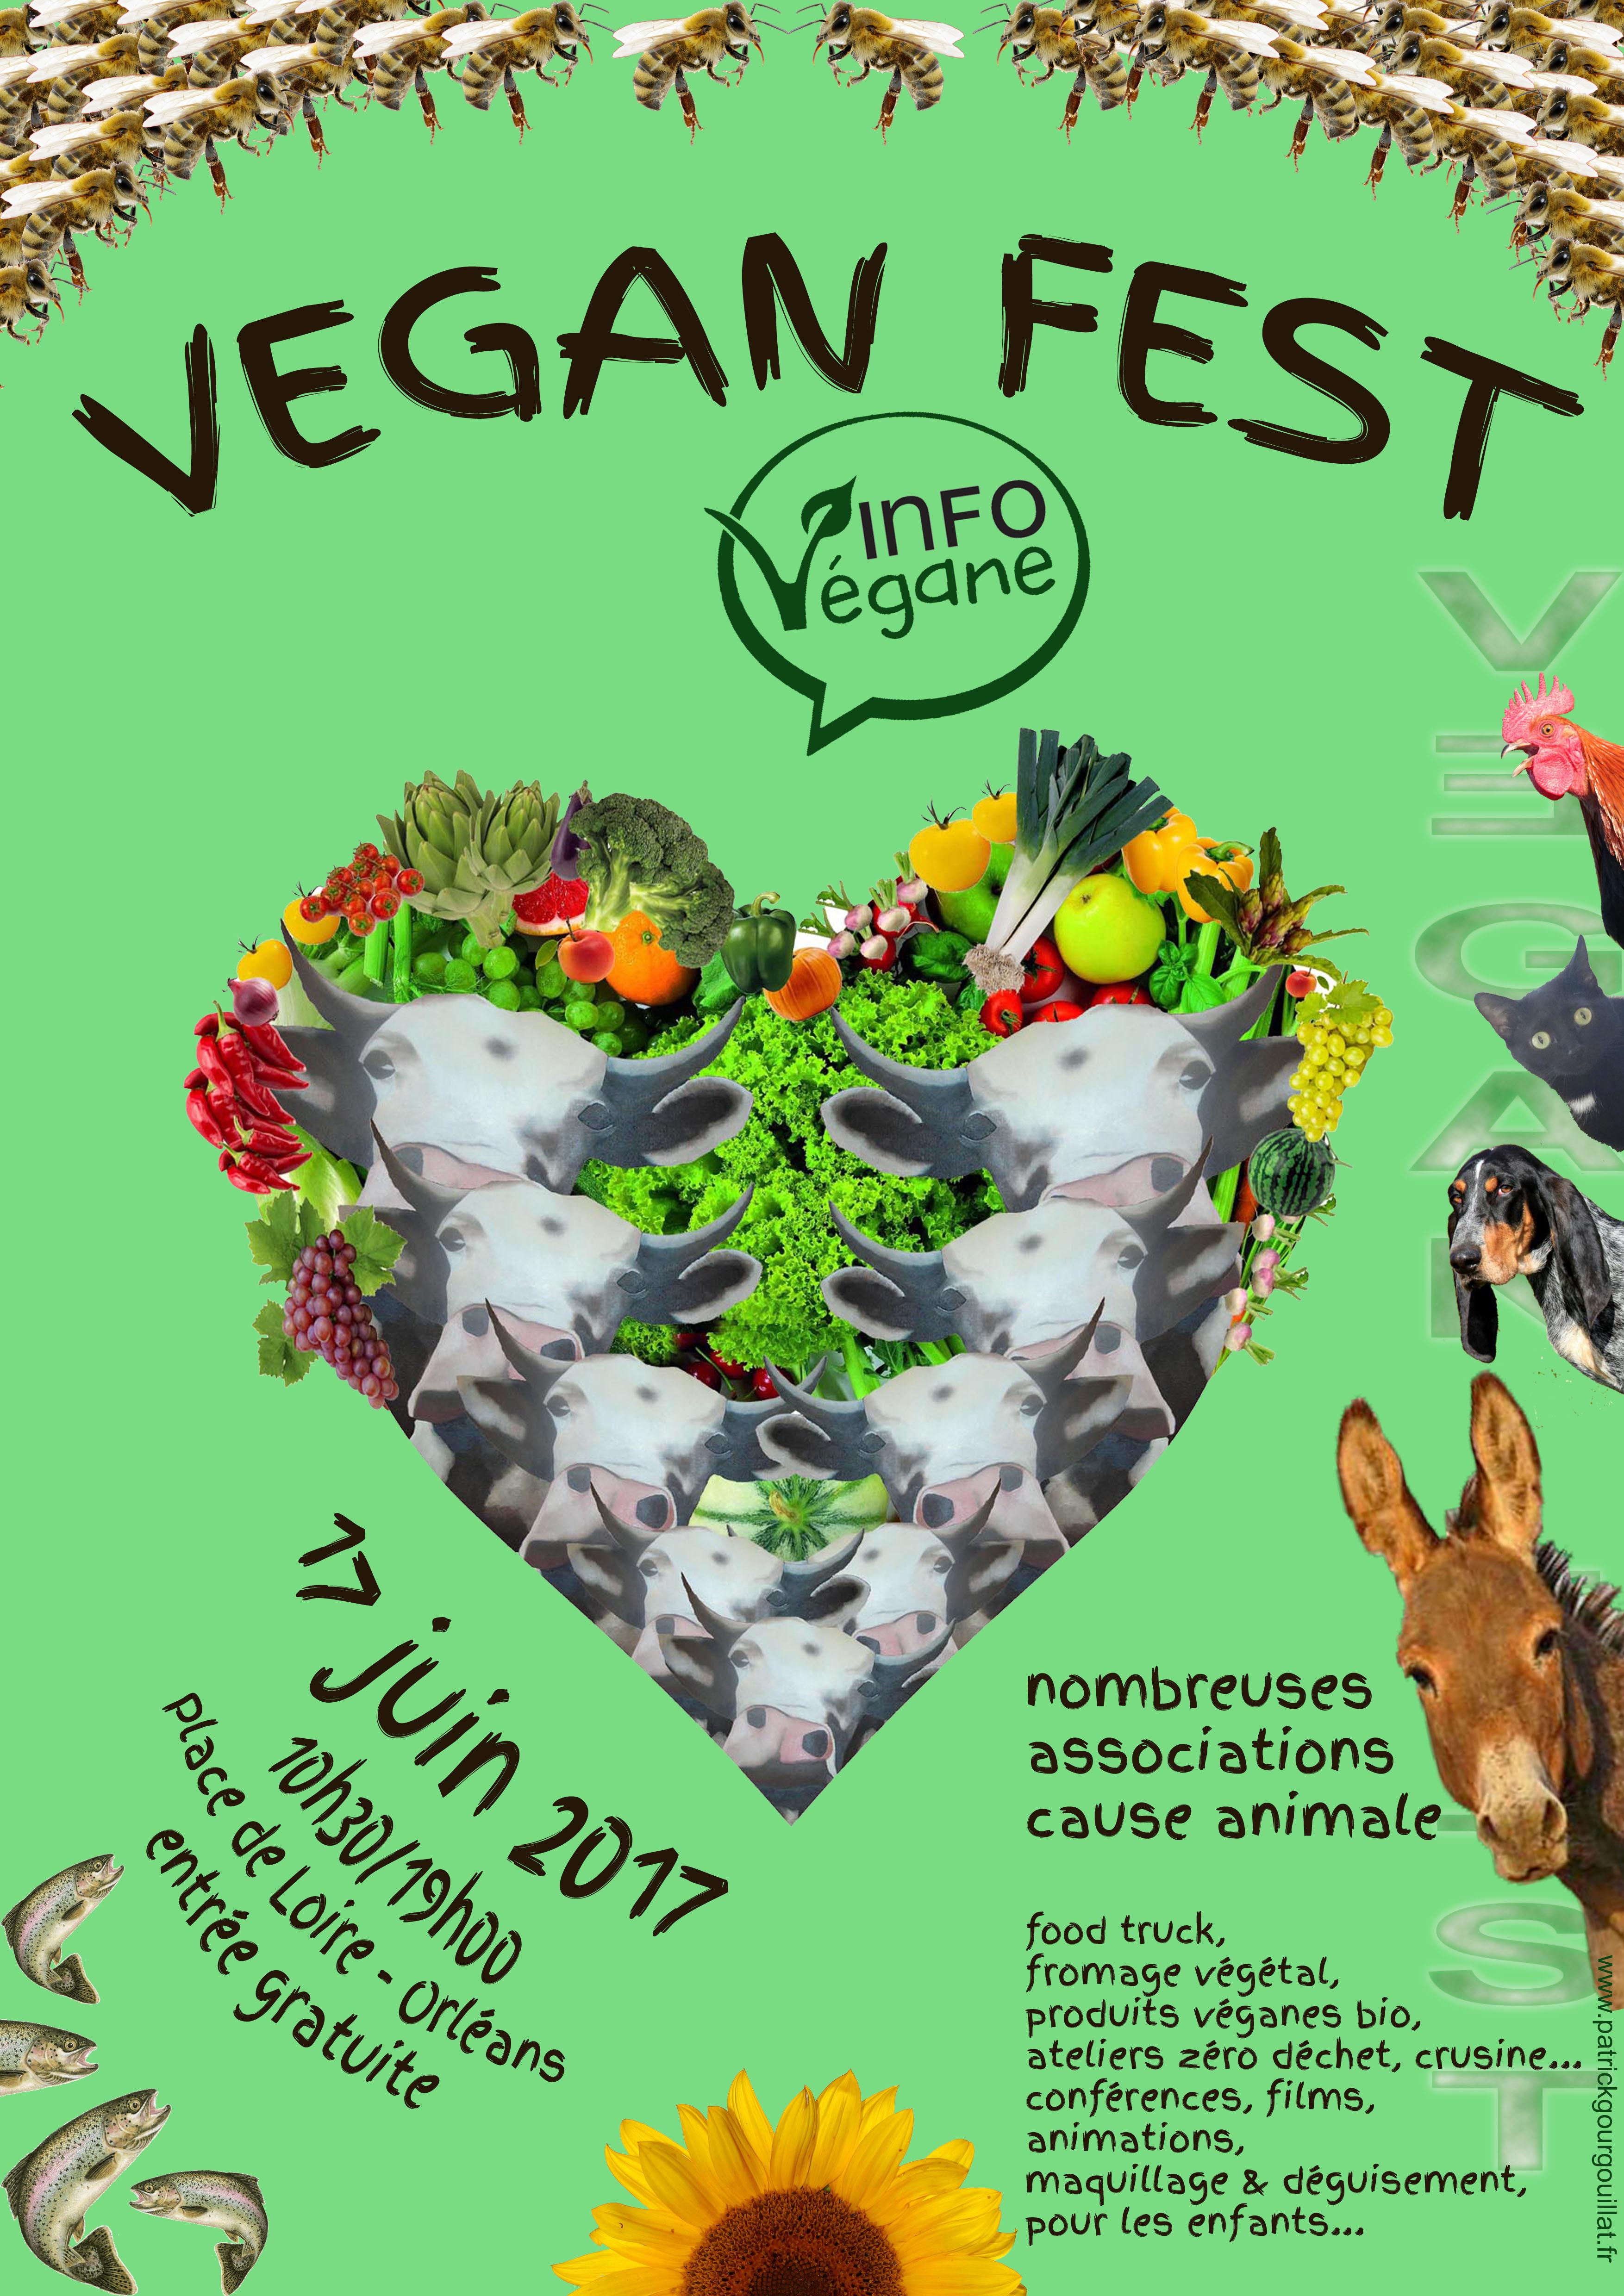 """Affiche réalisée pour la """"Vegan Fest"""" d'Orléans - patrick gourgouillat - 2017"""